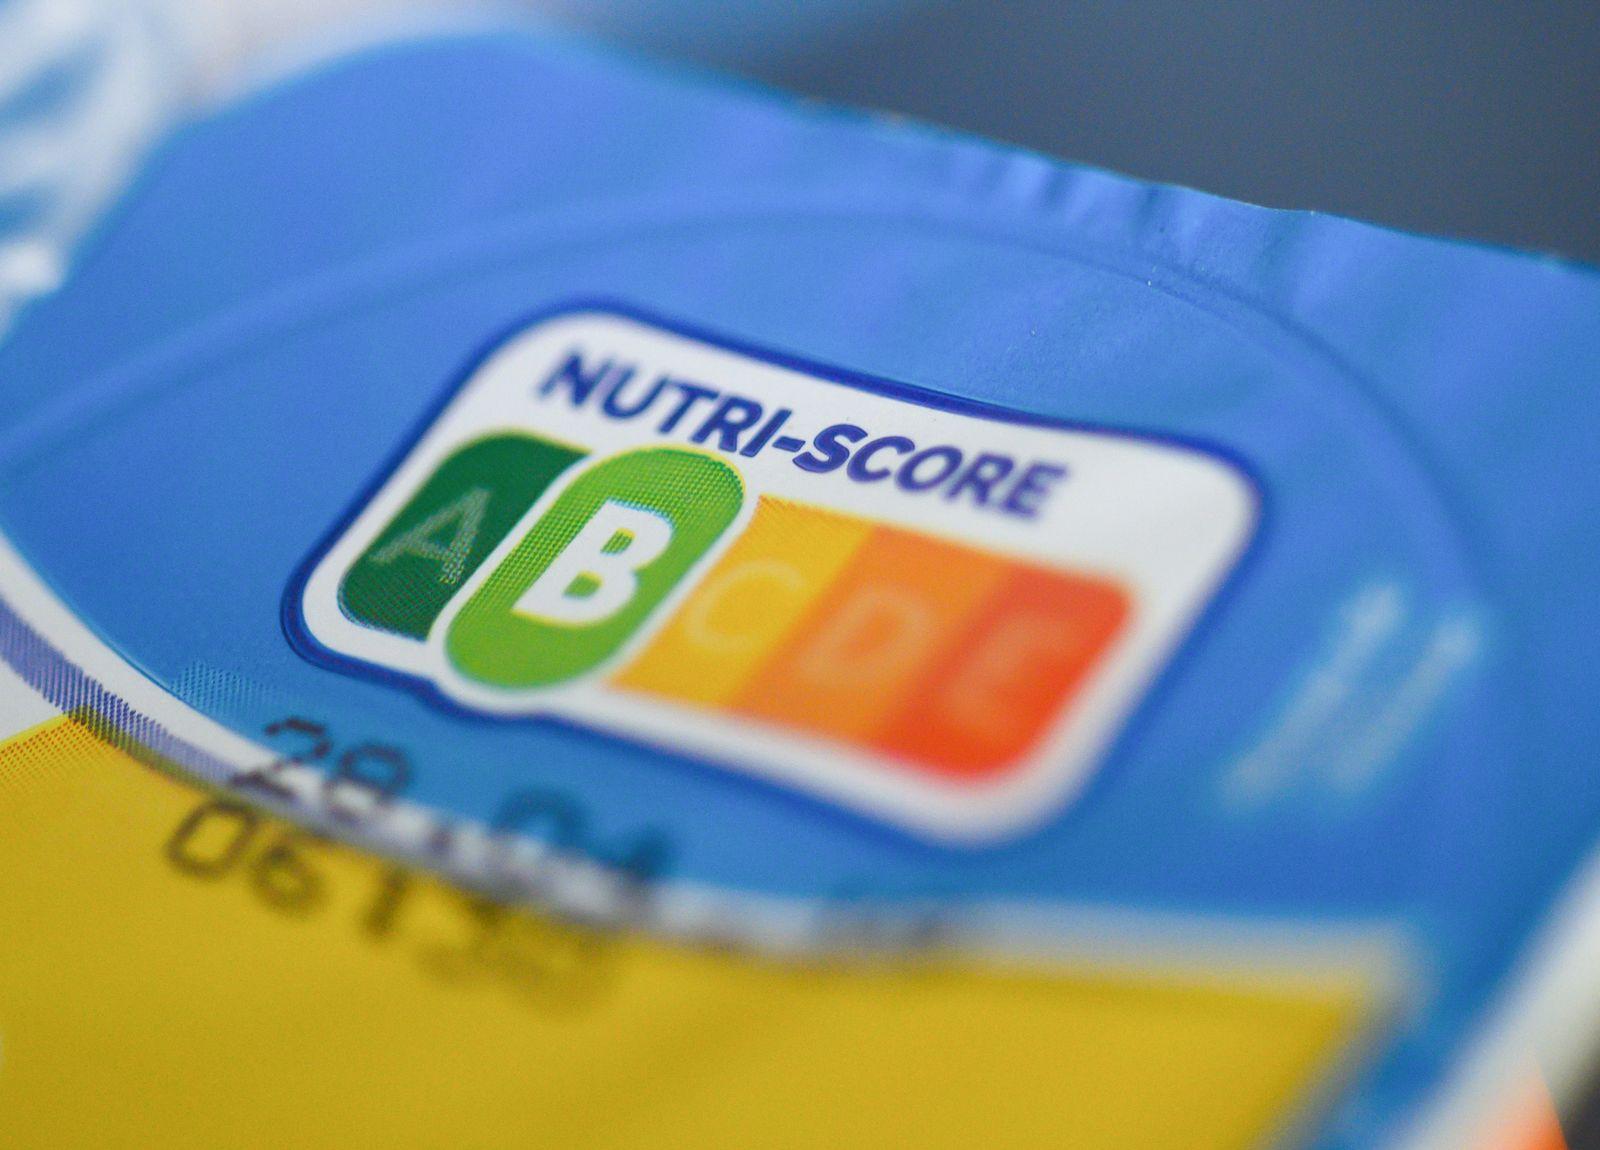 Lebensmittel Kennzeichnung